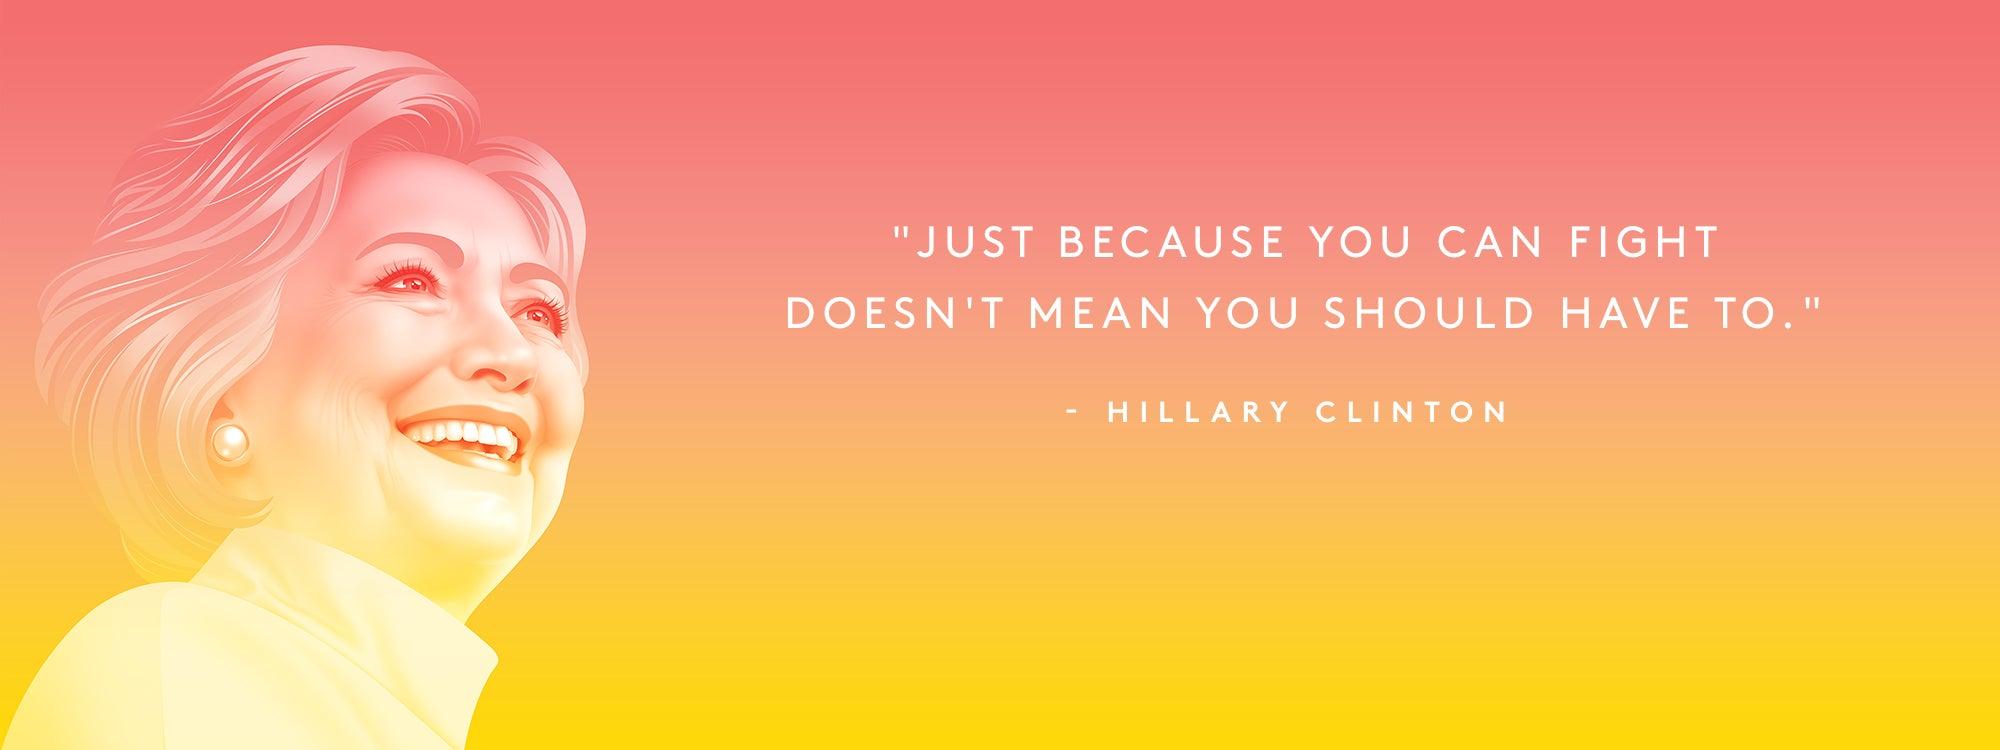 hillary clinton essay womens rights